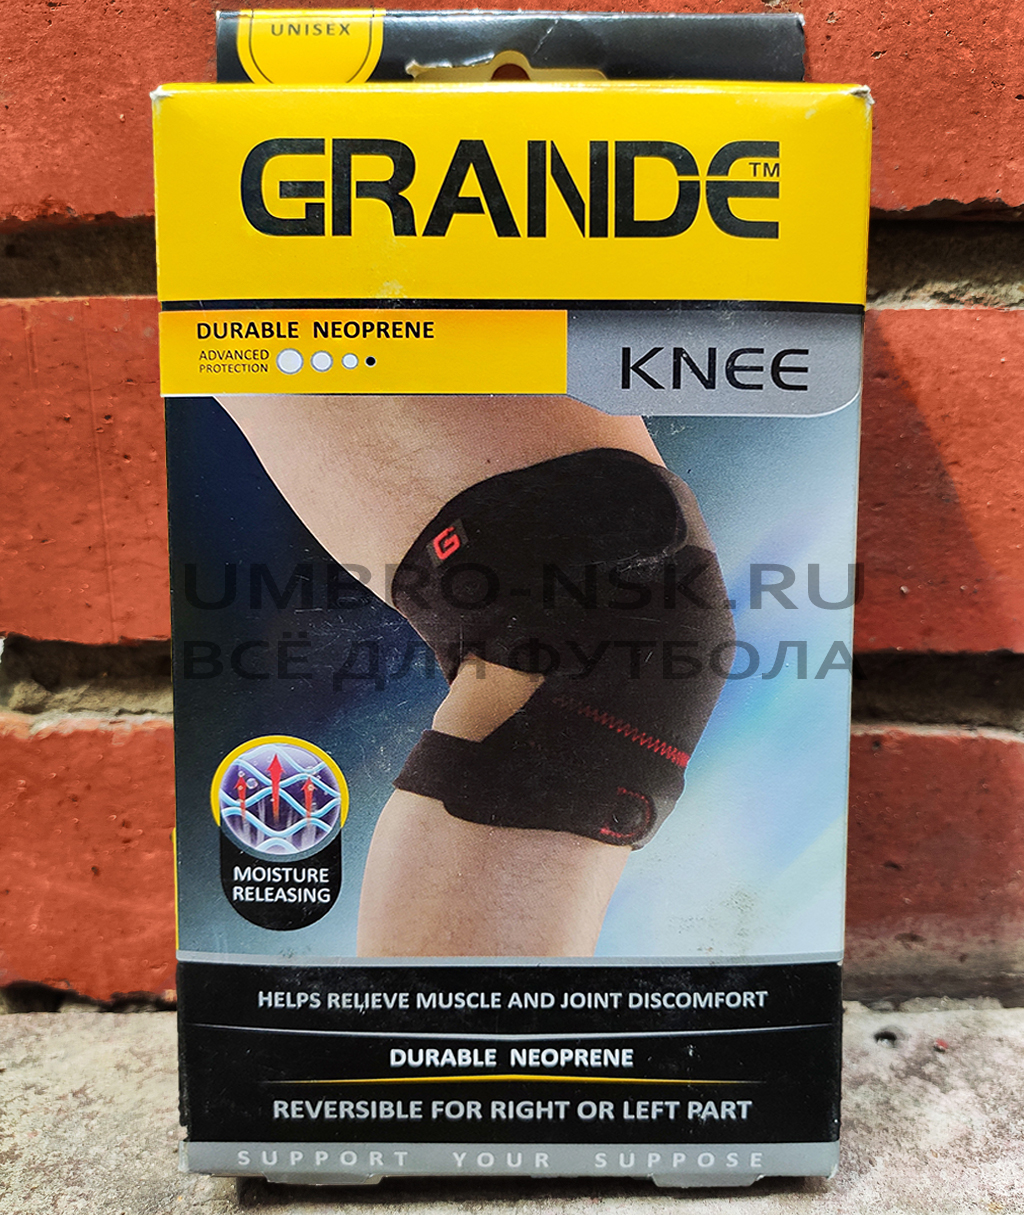 Купить фиксатор коленного сустава Grande GS-930 в Новосибирске